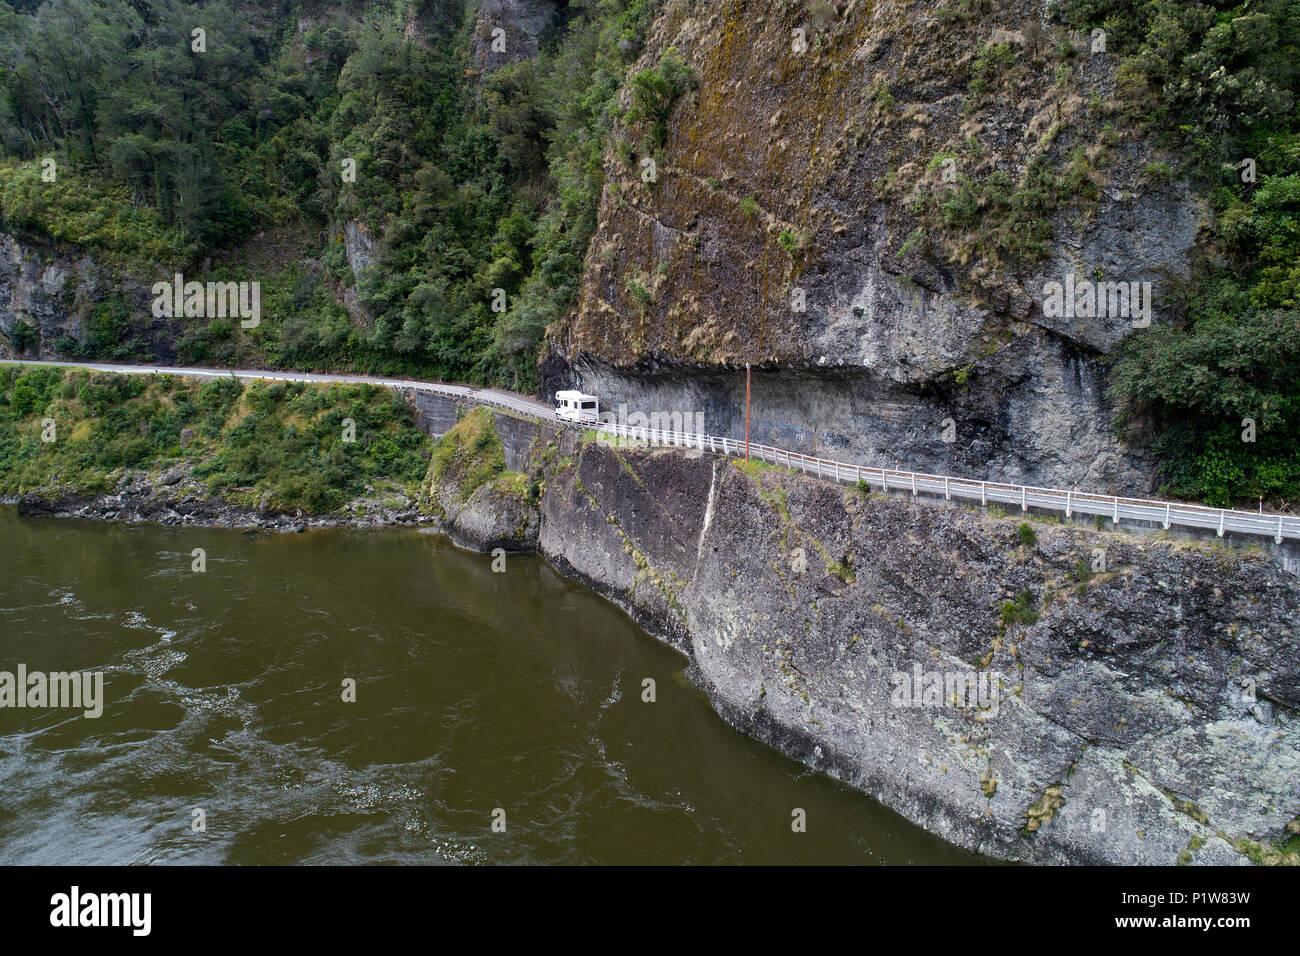 Camper alla rupe di falchi e Buller River, Buller Gorge, Autostrada statale 6 vicino a Westport, Costa Ovest, South Island, in Nuova Zelanda - antenna fuco Immagini Stock